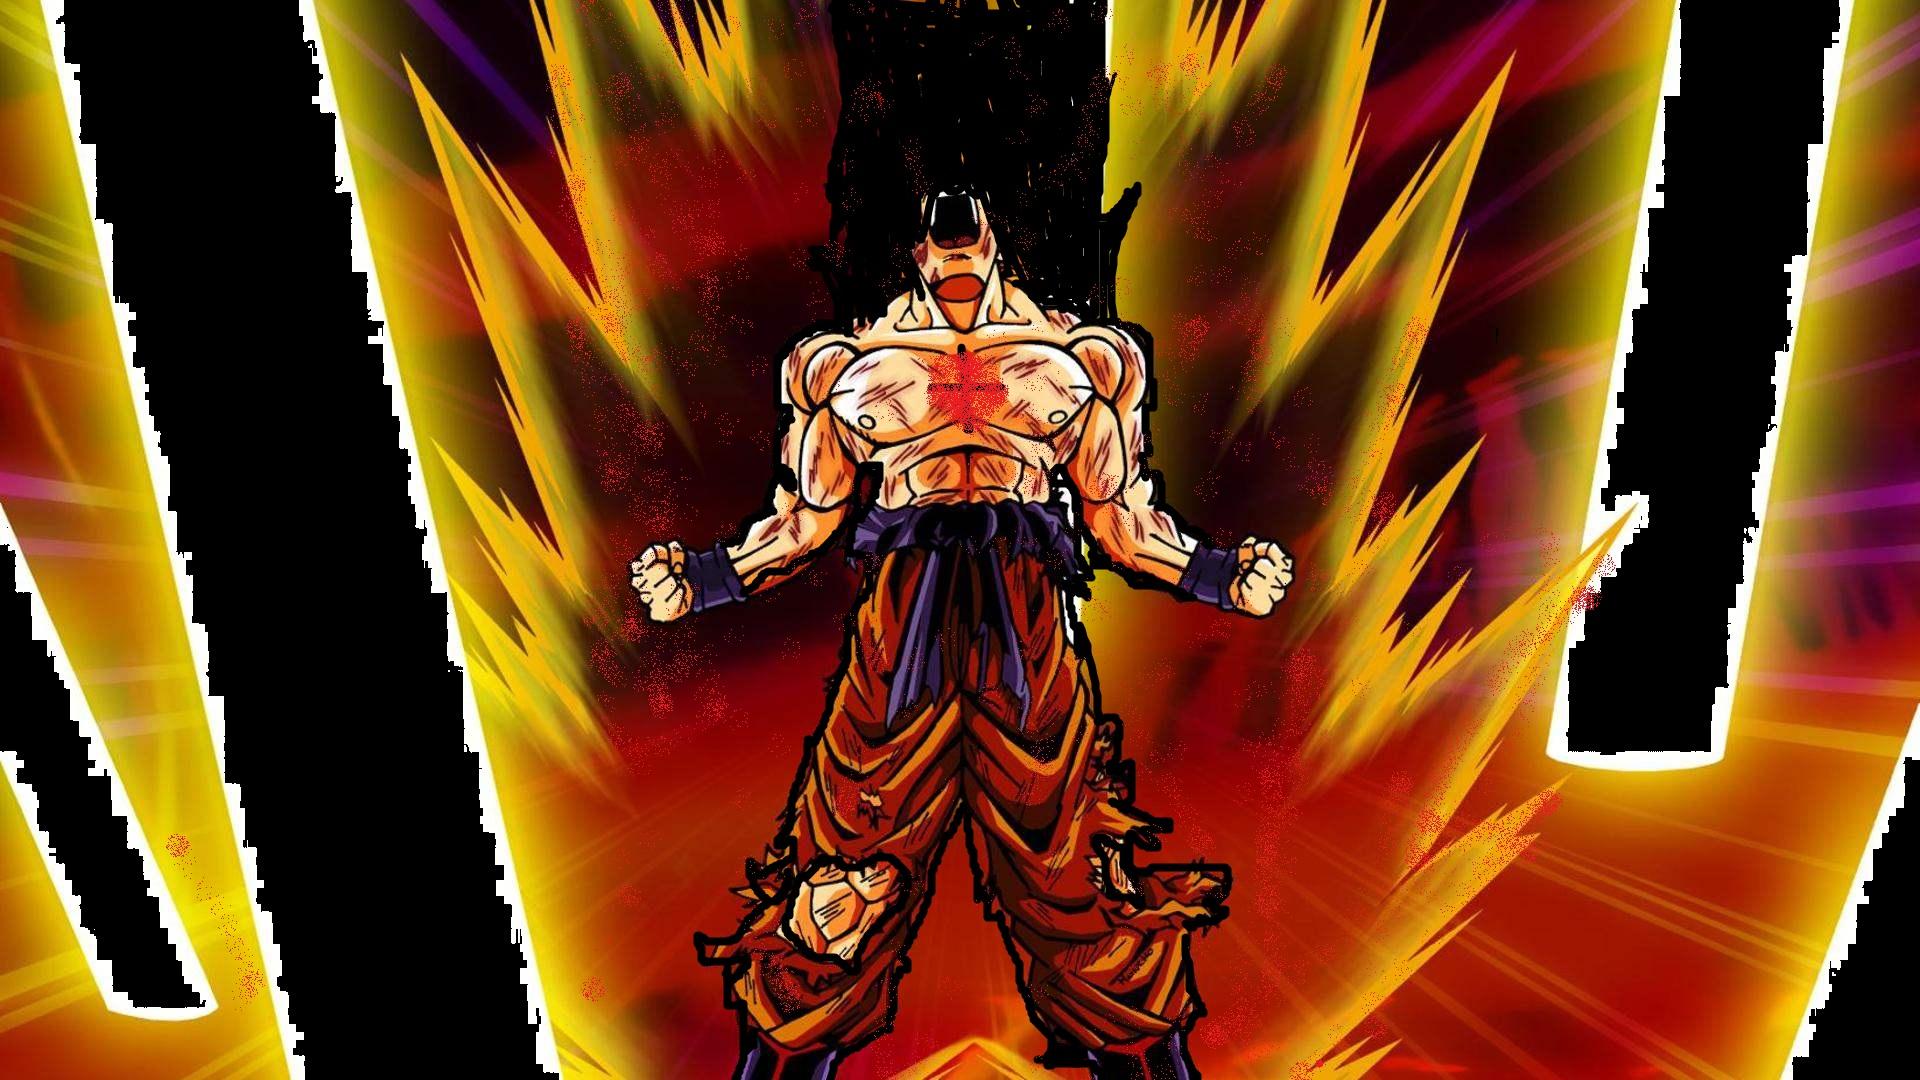 Son Goku Dragon Ball Super Saiyan Desktop 1920x1080 Hd Wallpaper 697264